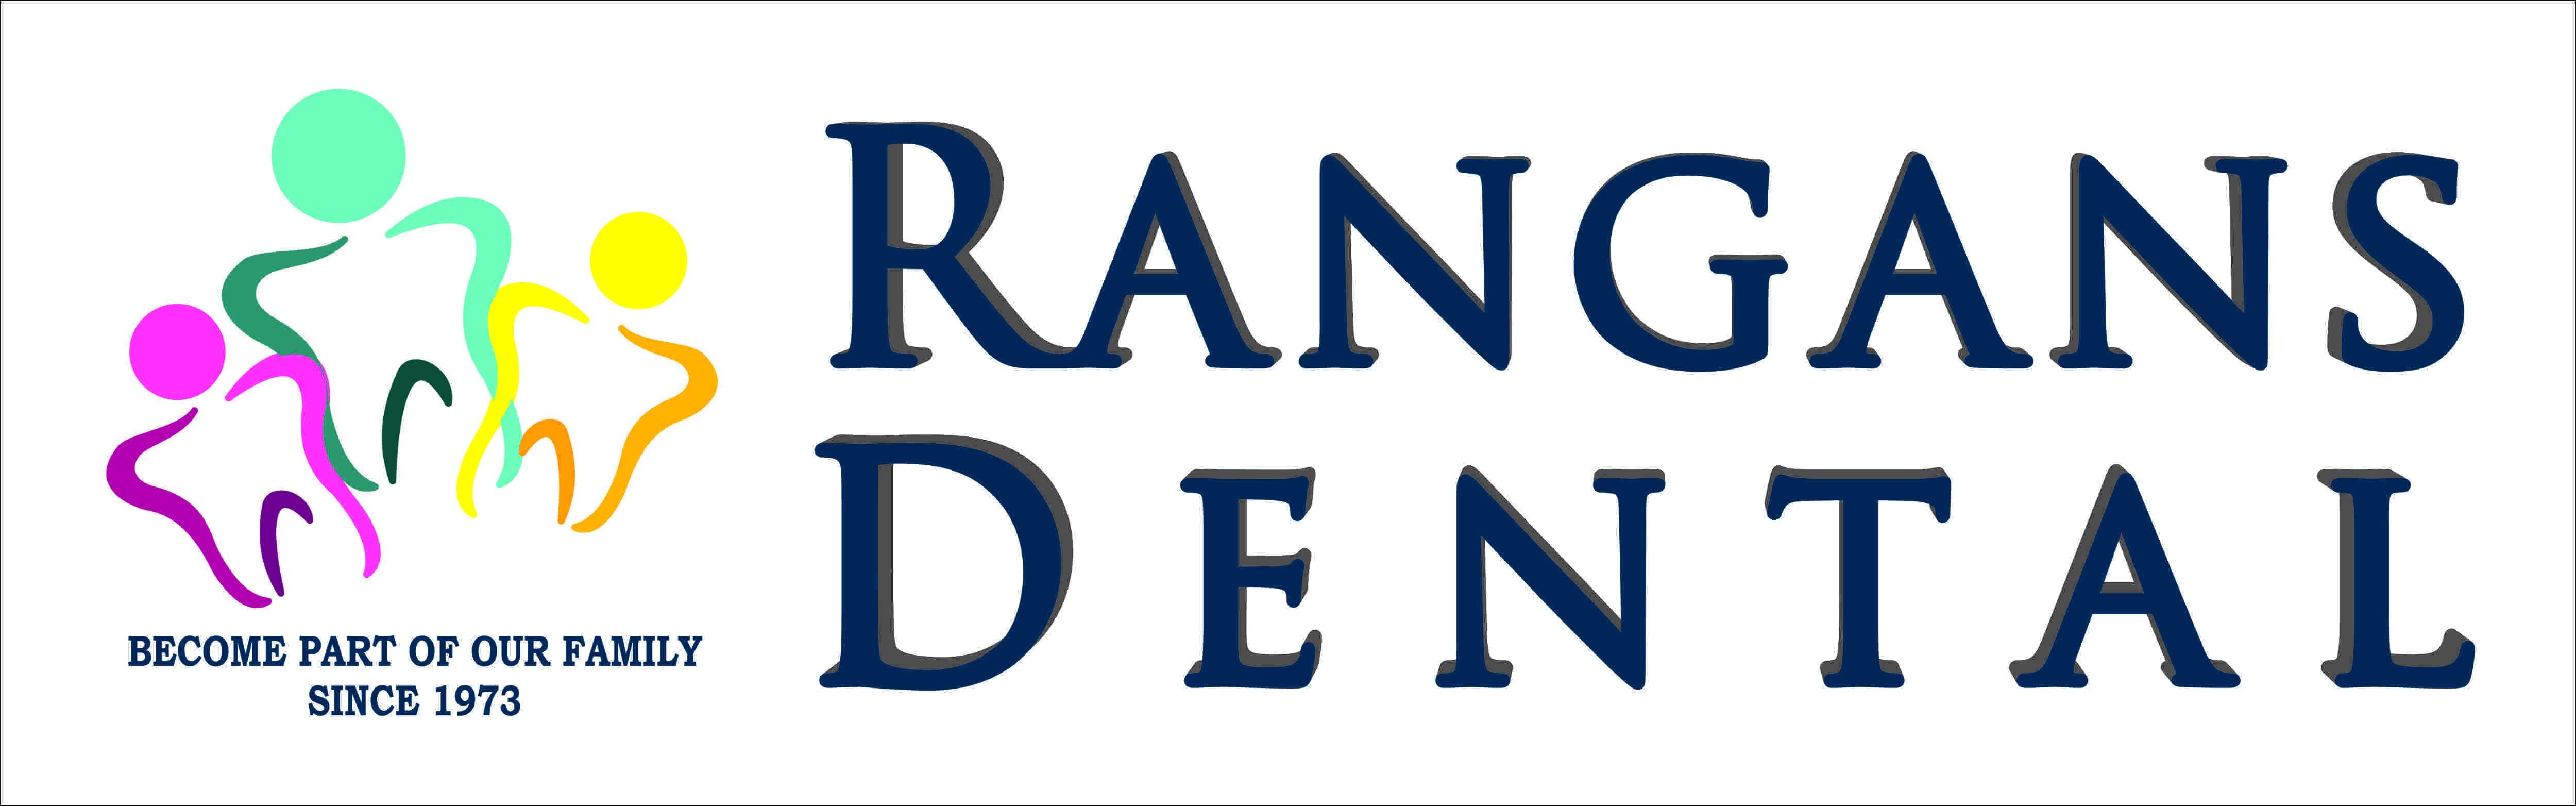 Rangans Dental